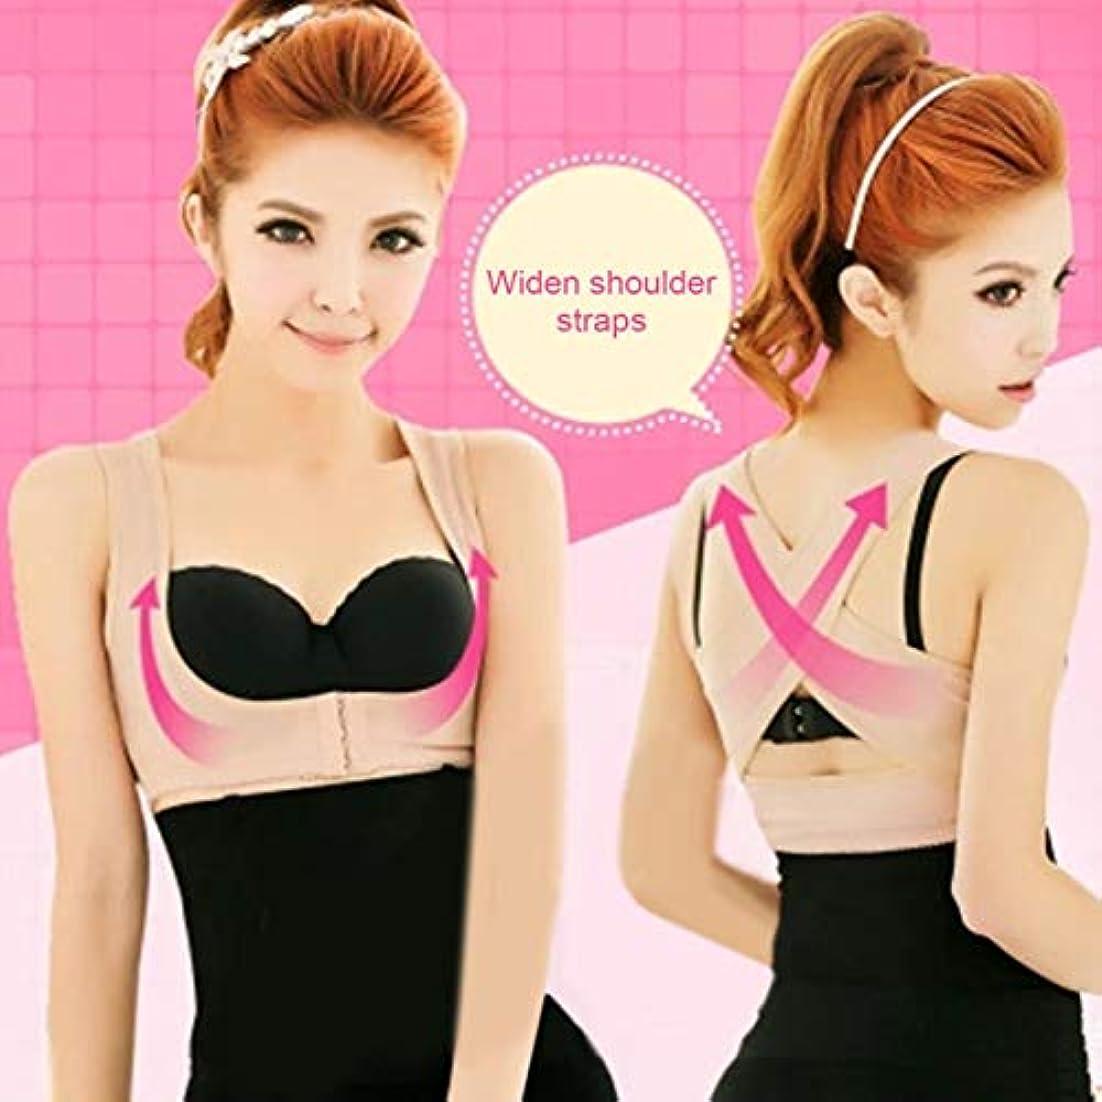 アルコーブ考古学的な非公式Posture Corrector Women Chest Brace Up Prevent Chest Sagging And Humpback Bra Cross Strap Vest Body Shaper Slimming...